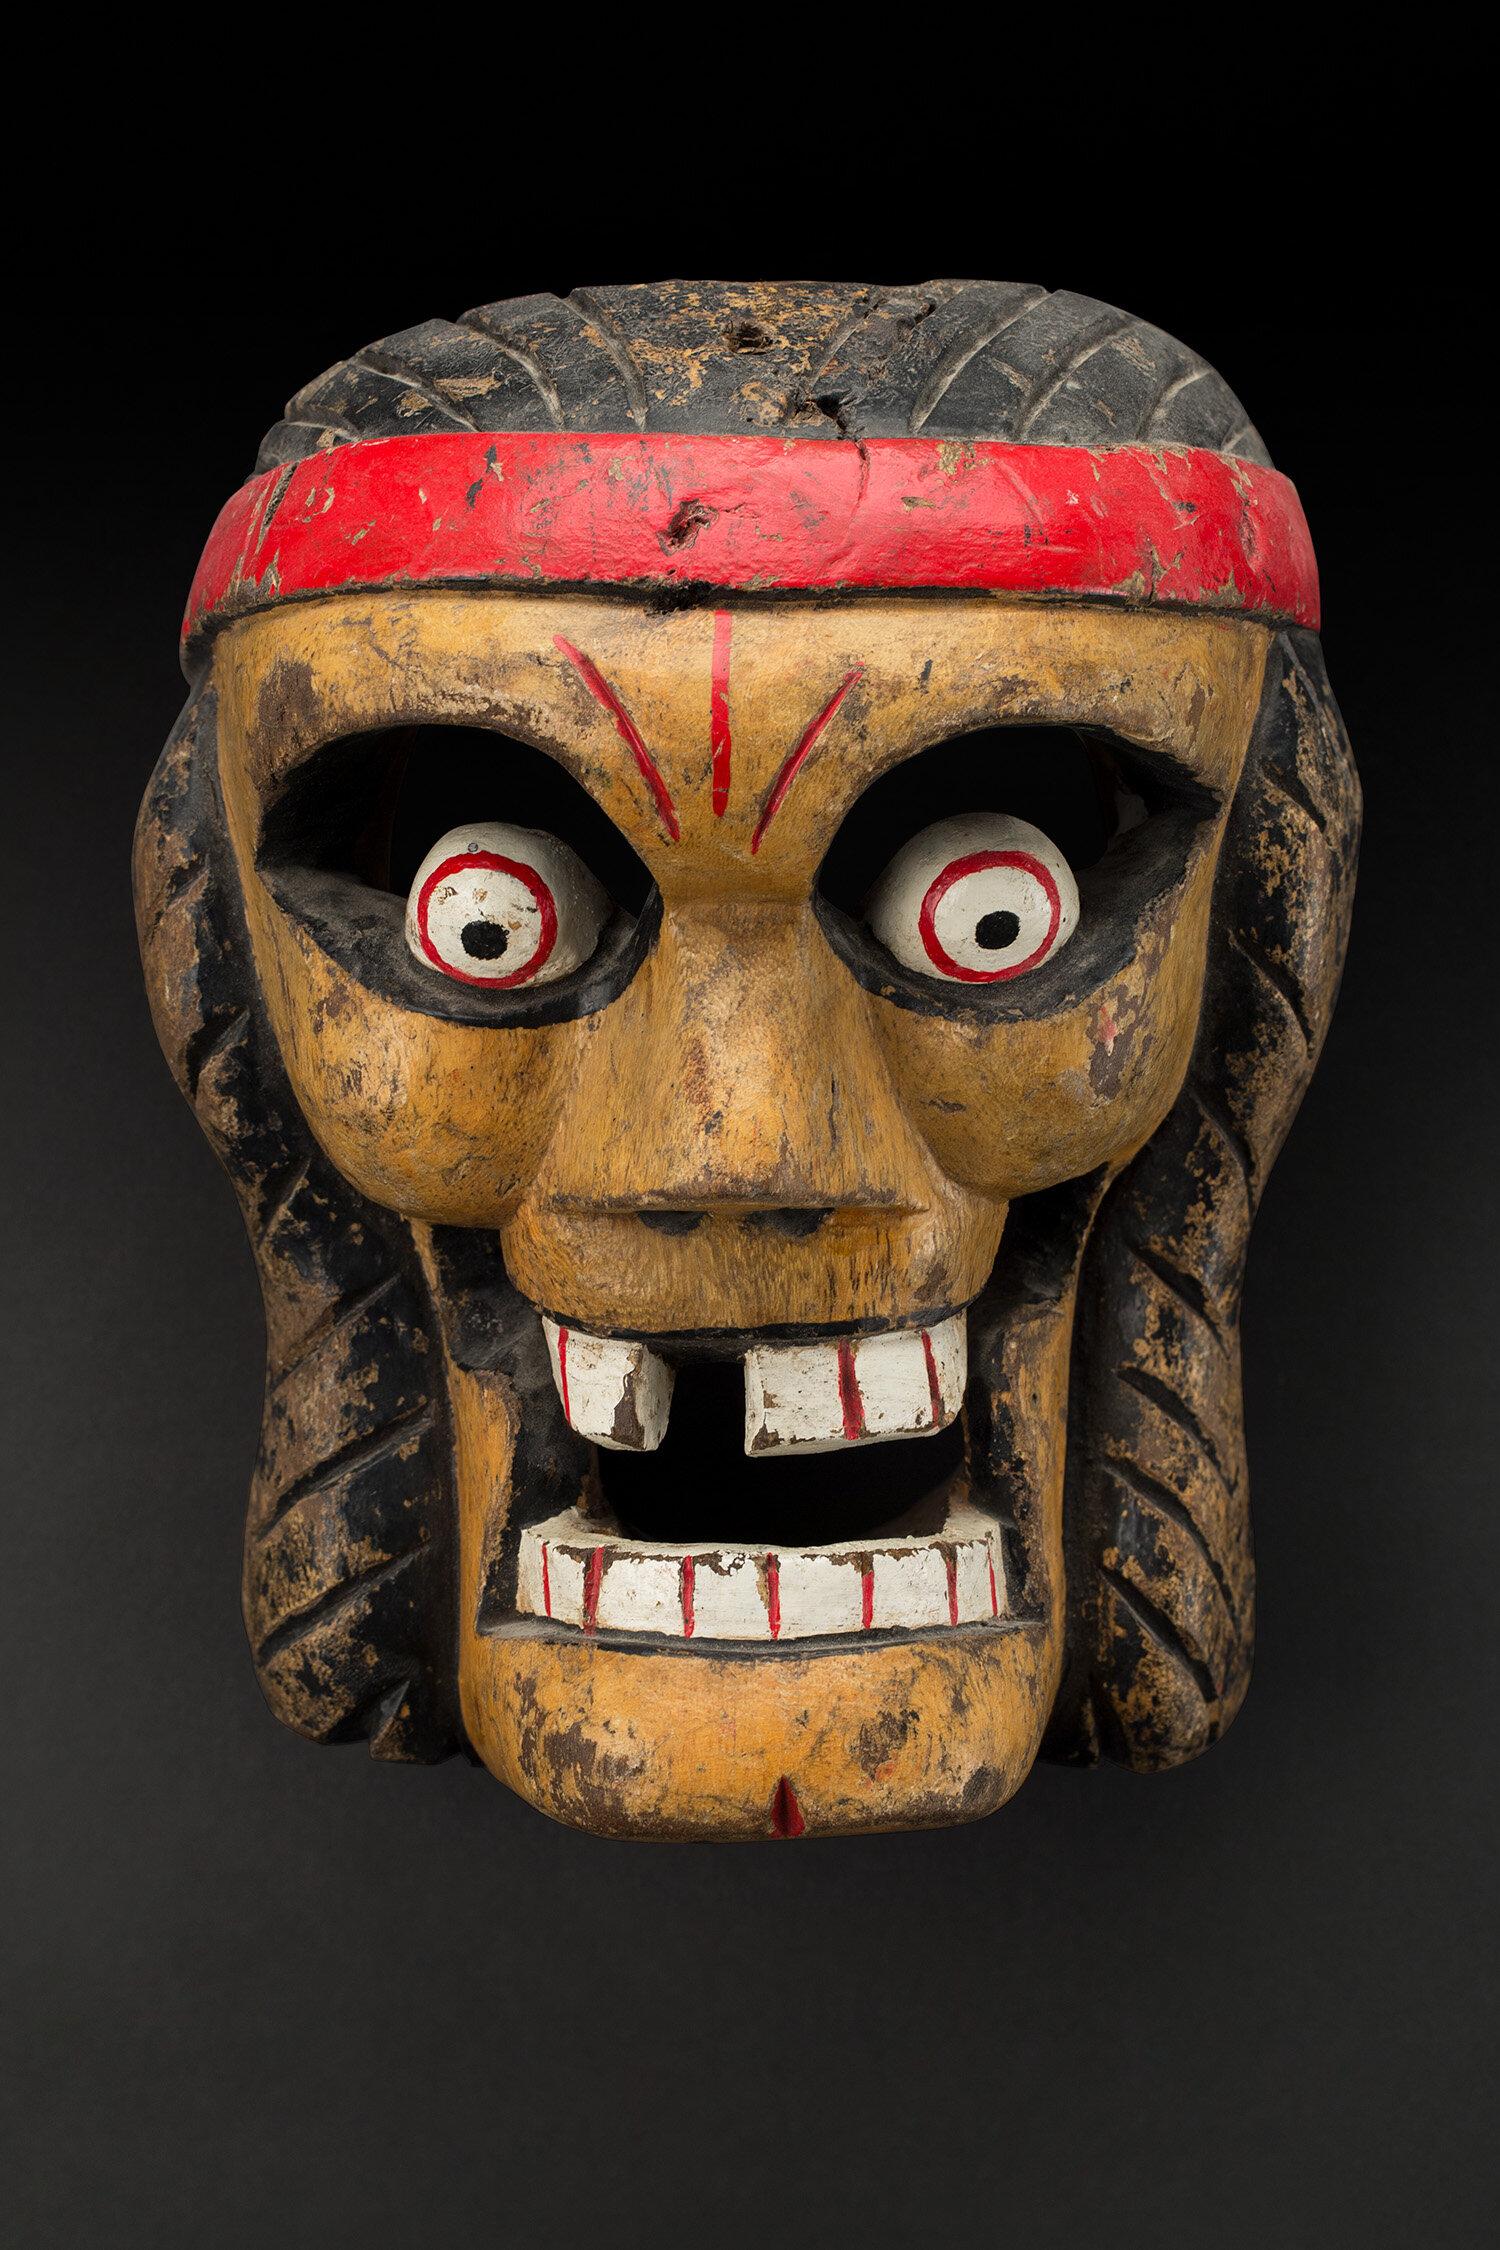 Masks  Veracruz, Naolinco Calavera mask Maskmaker: Lino Mora Rivera   , 1970s Polychrome wood 8.5 x 7 x 5 inches 21.6 x 17.8 x 12.7 cm M 383